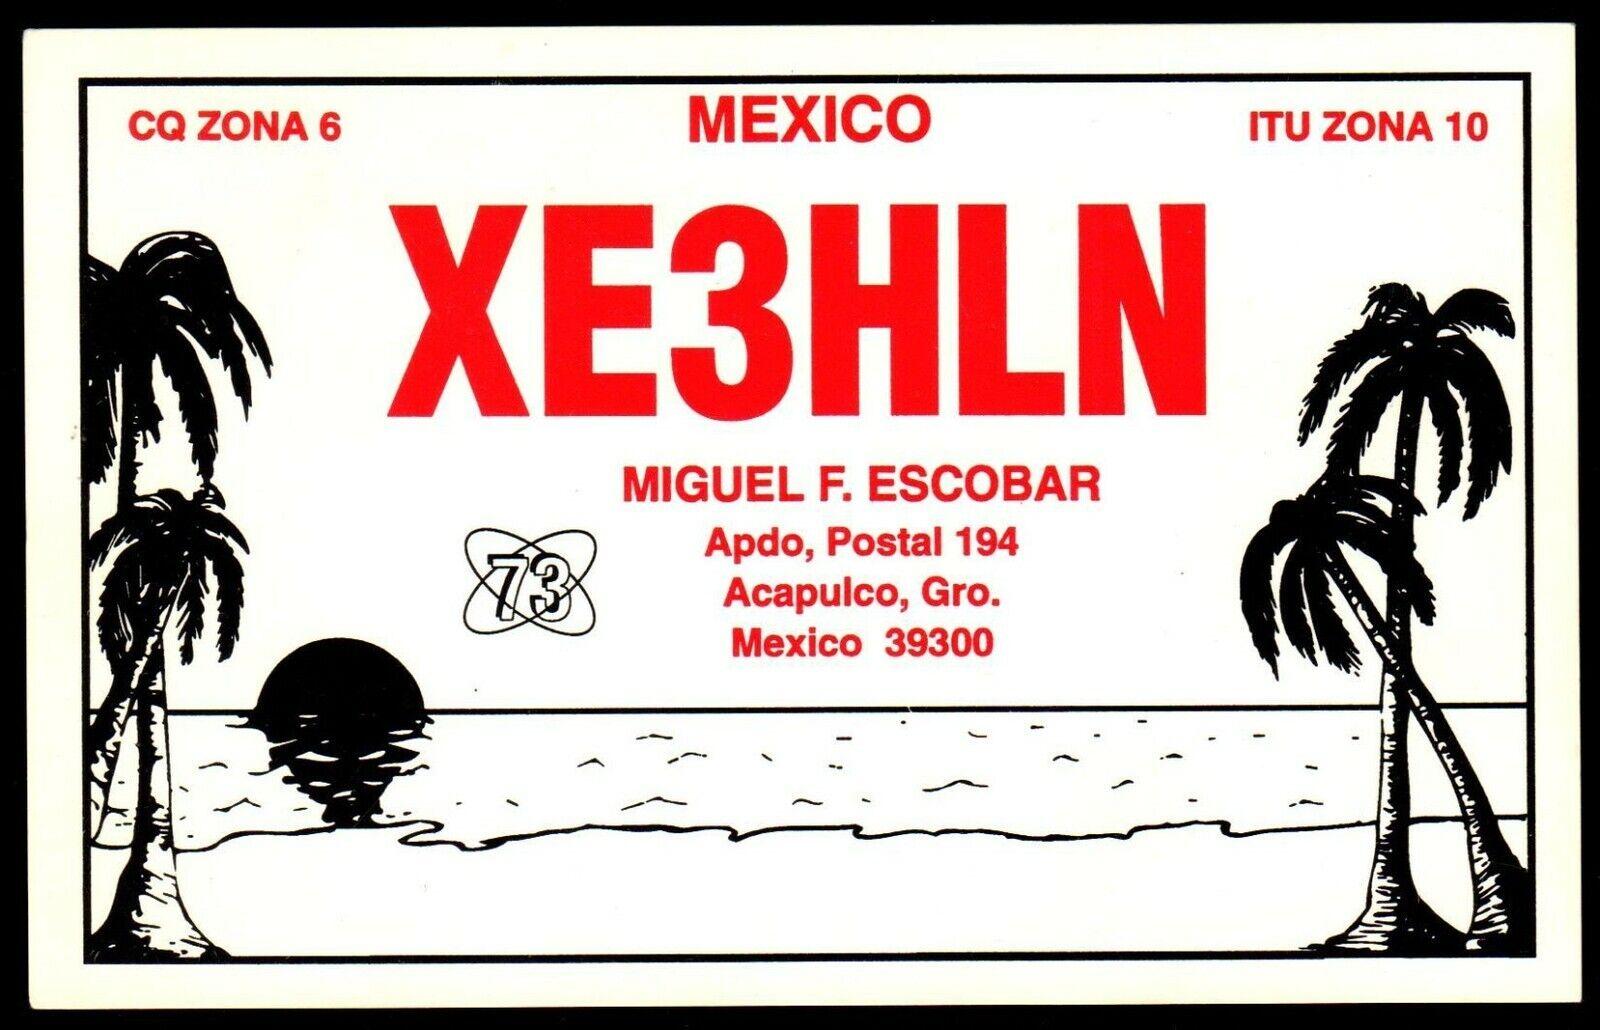 QSL QSO Radio Card Palm Trees,Ocean,Mexico,XE3HLN,Miguel F. Escobar, (Q3472)